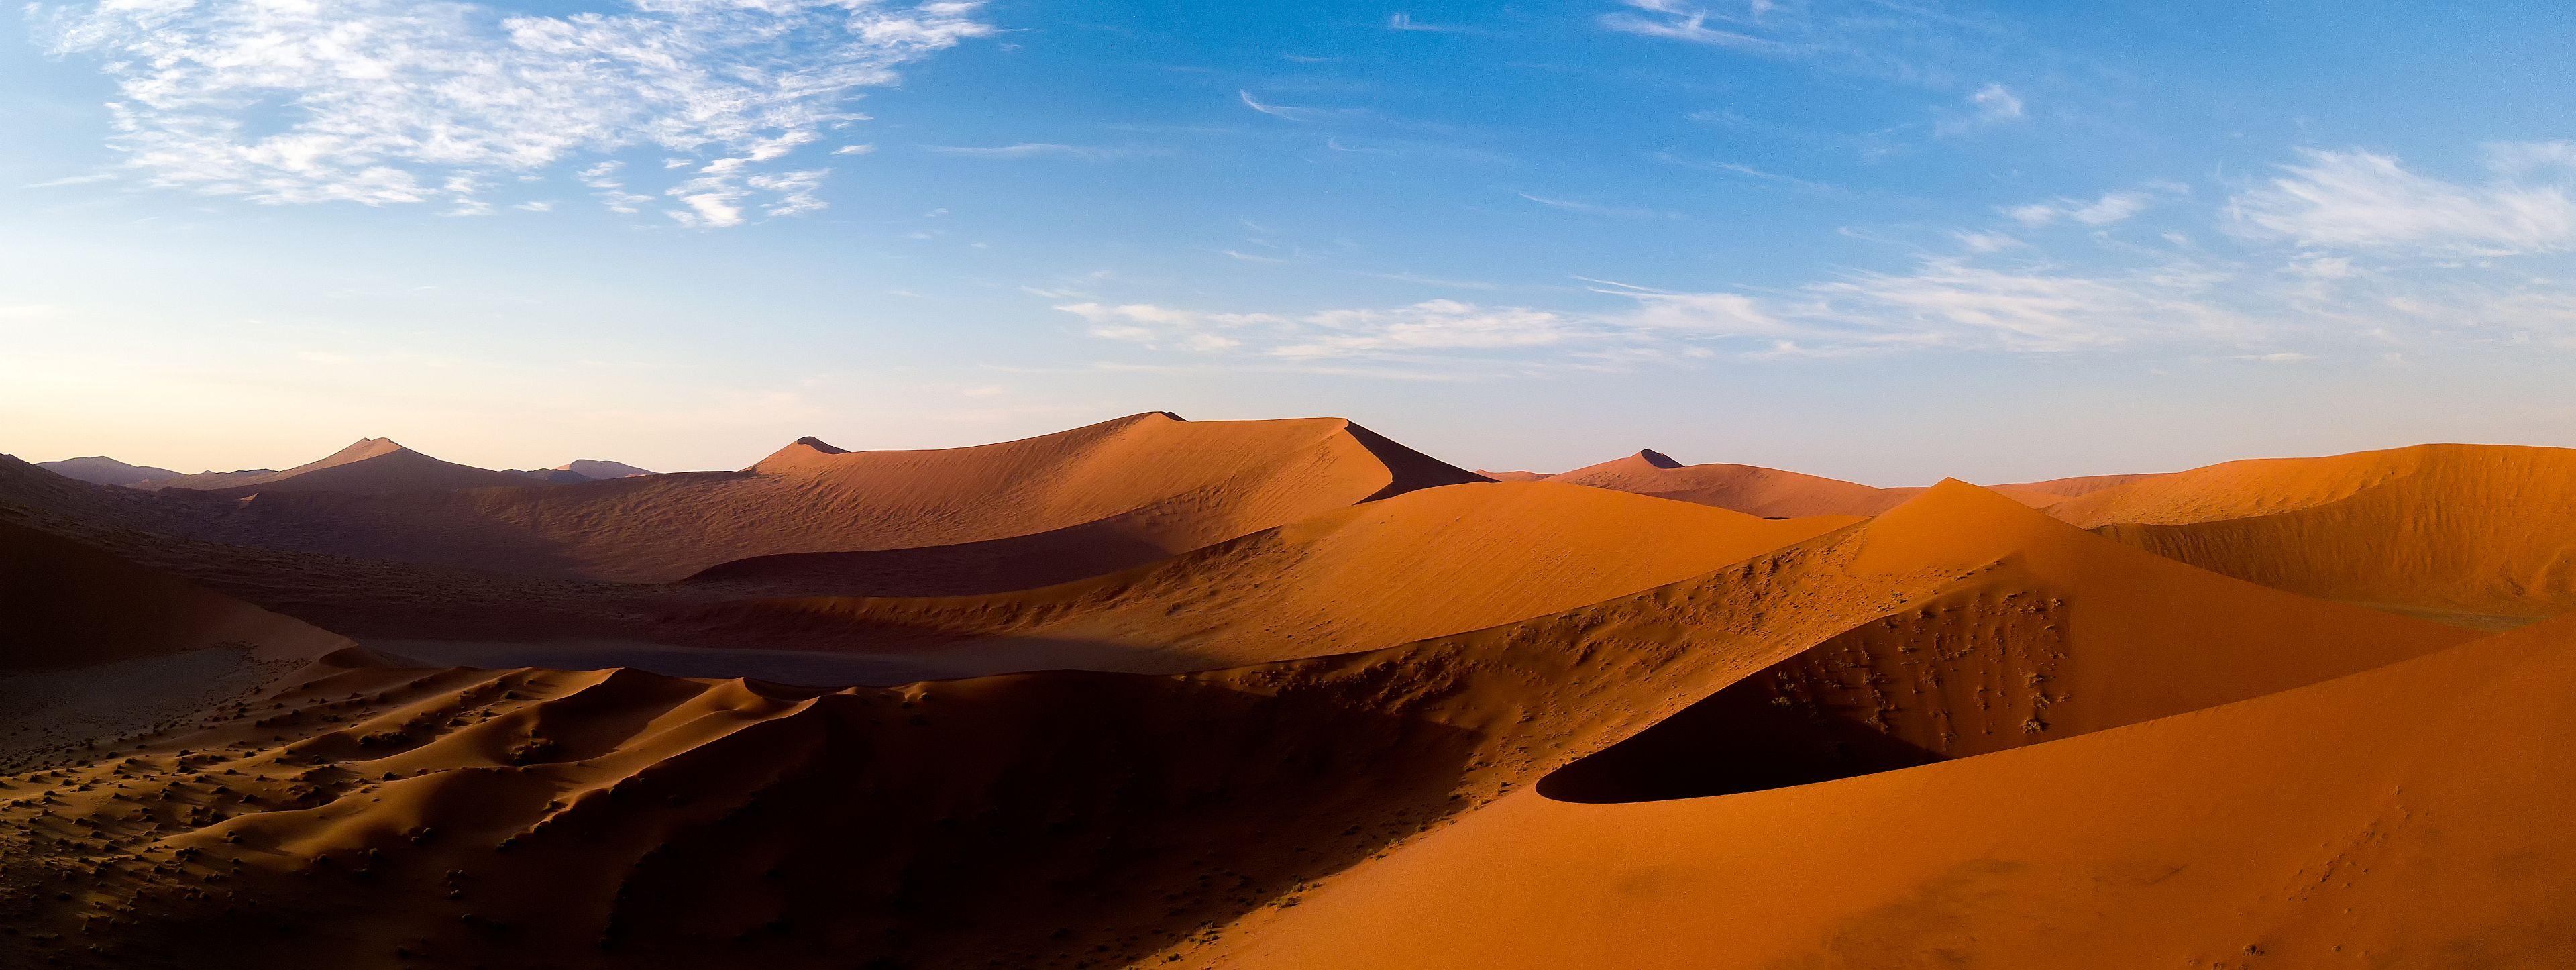 Namibian Wonder